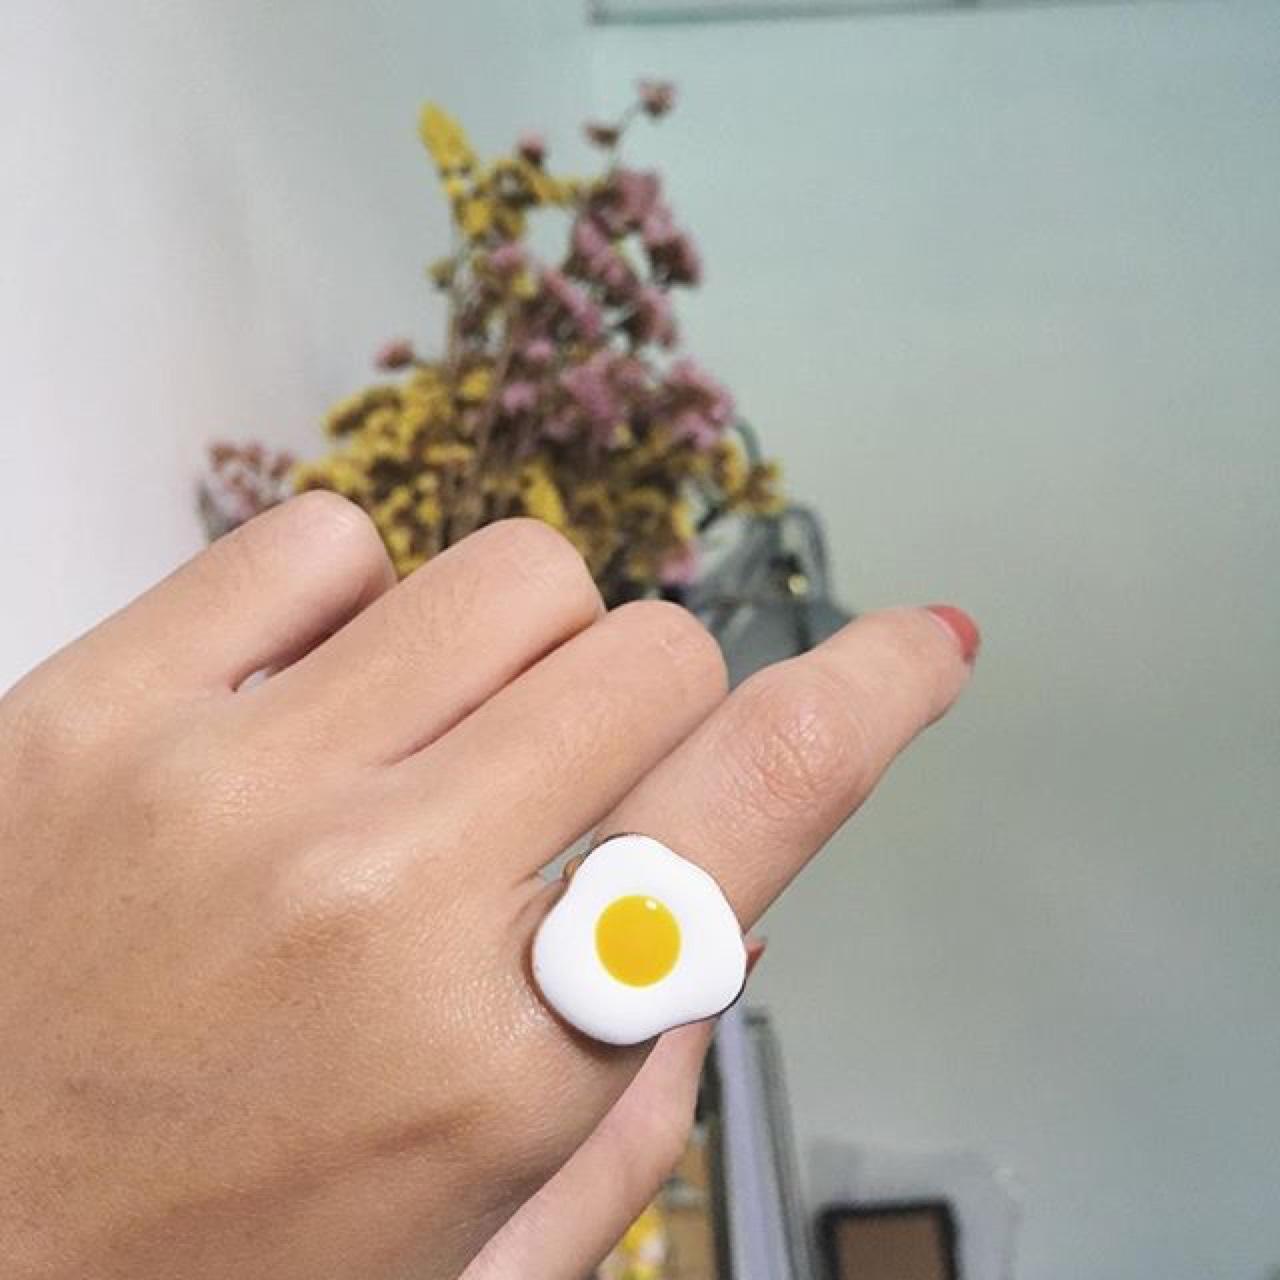 แหวนไข่ดาว,cchershop